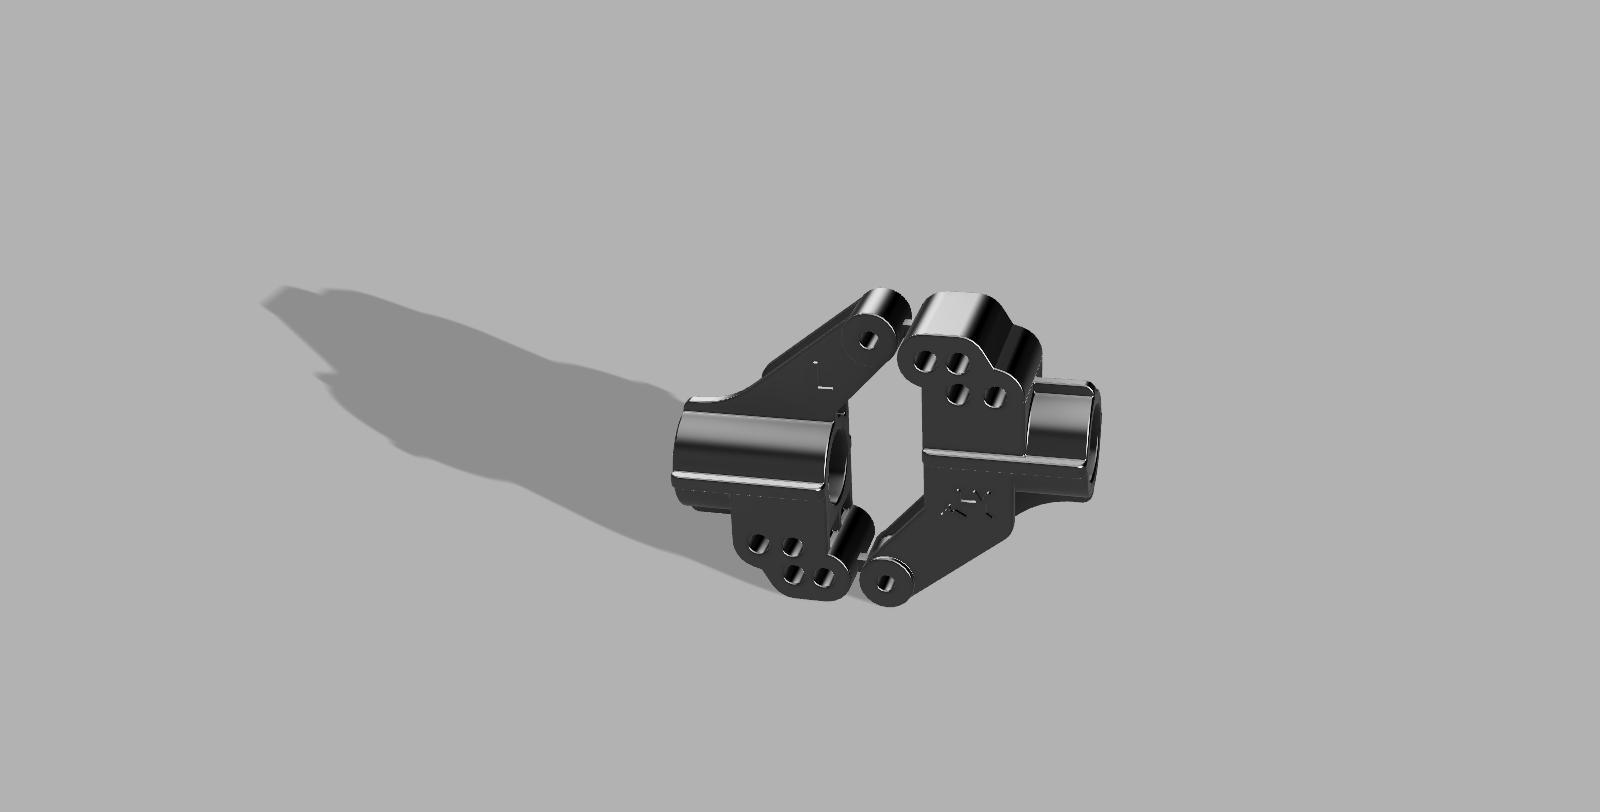 tamiya wrenchdog dyna storm dyna blaster tr-15t h1 h2 rear hub